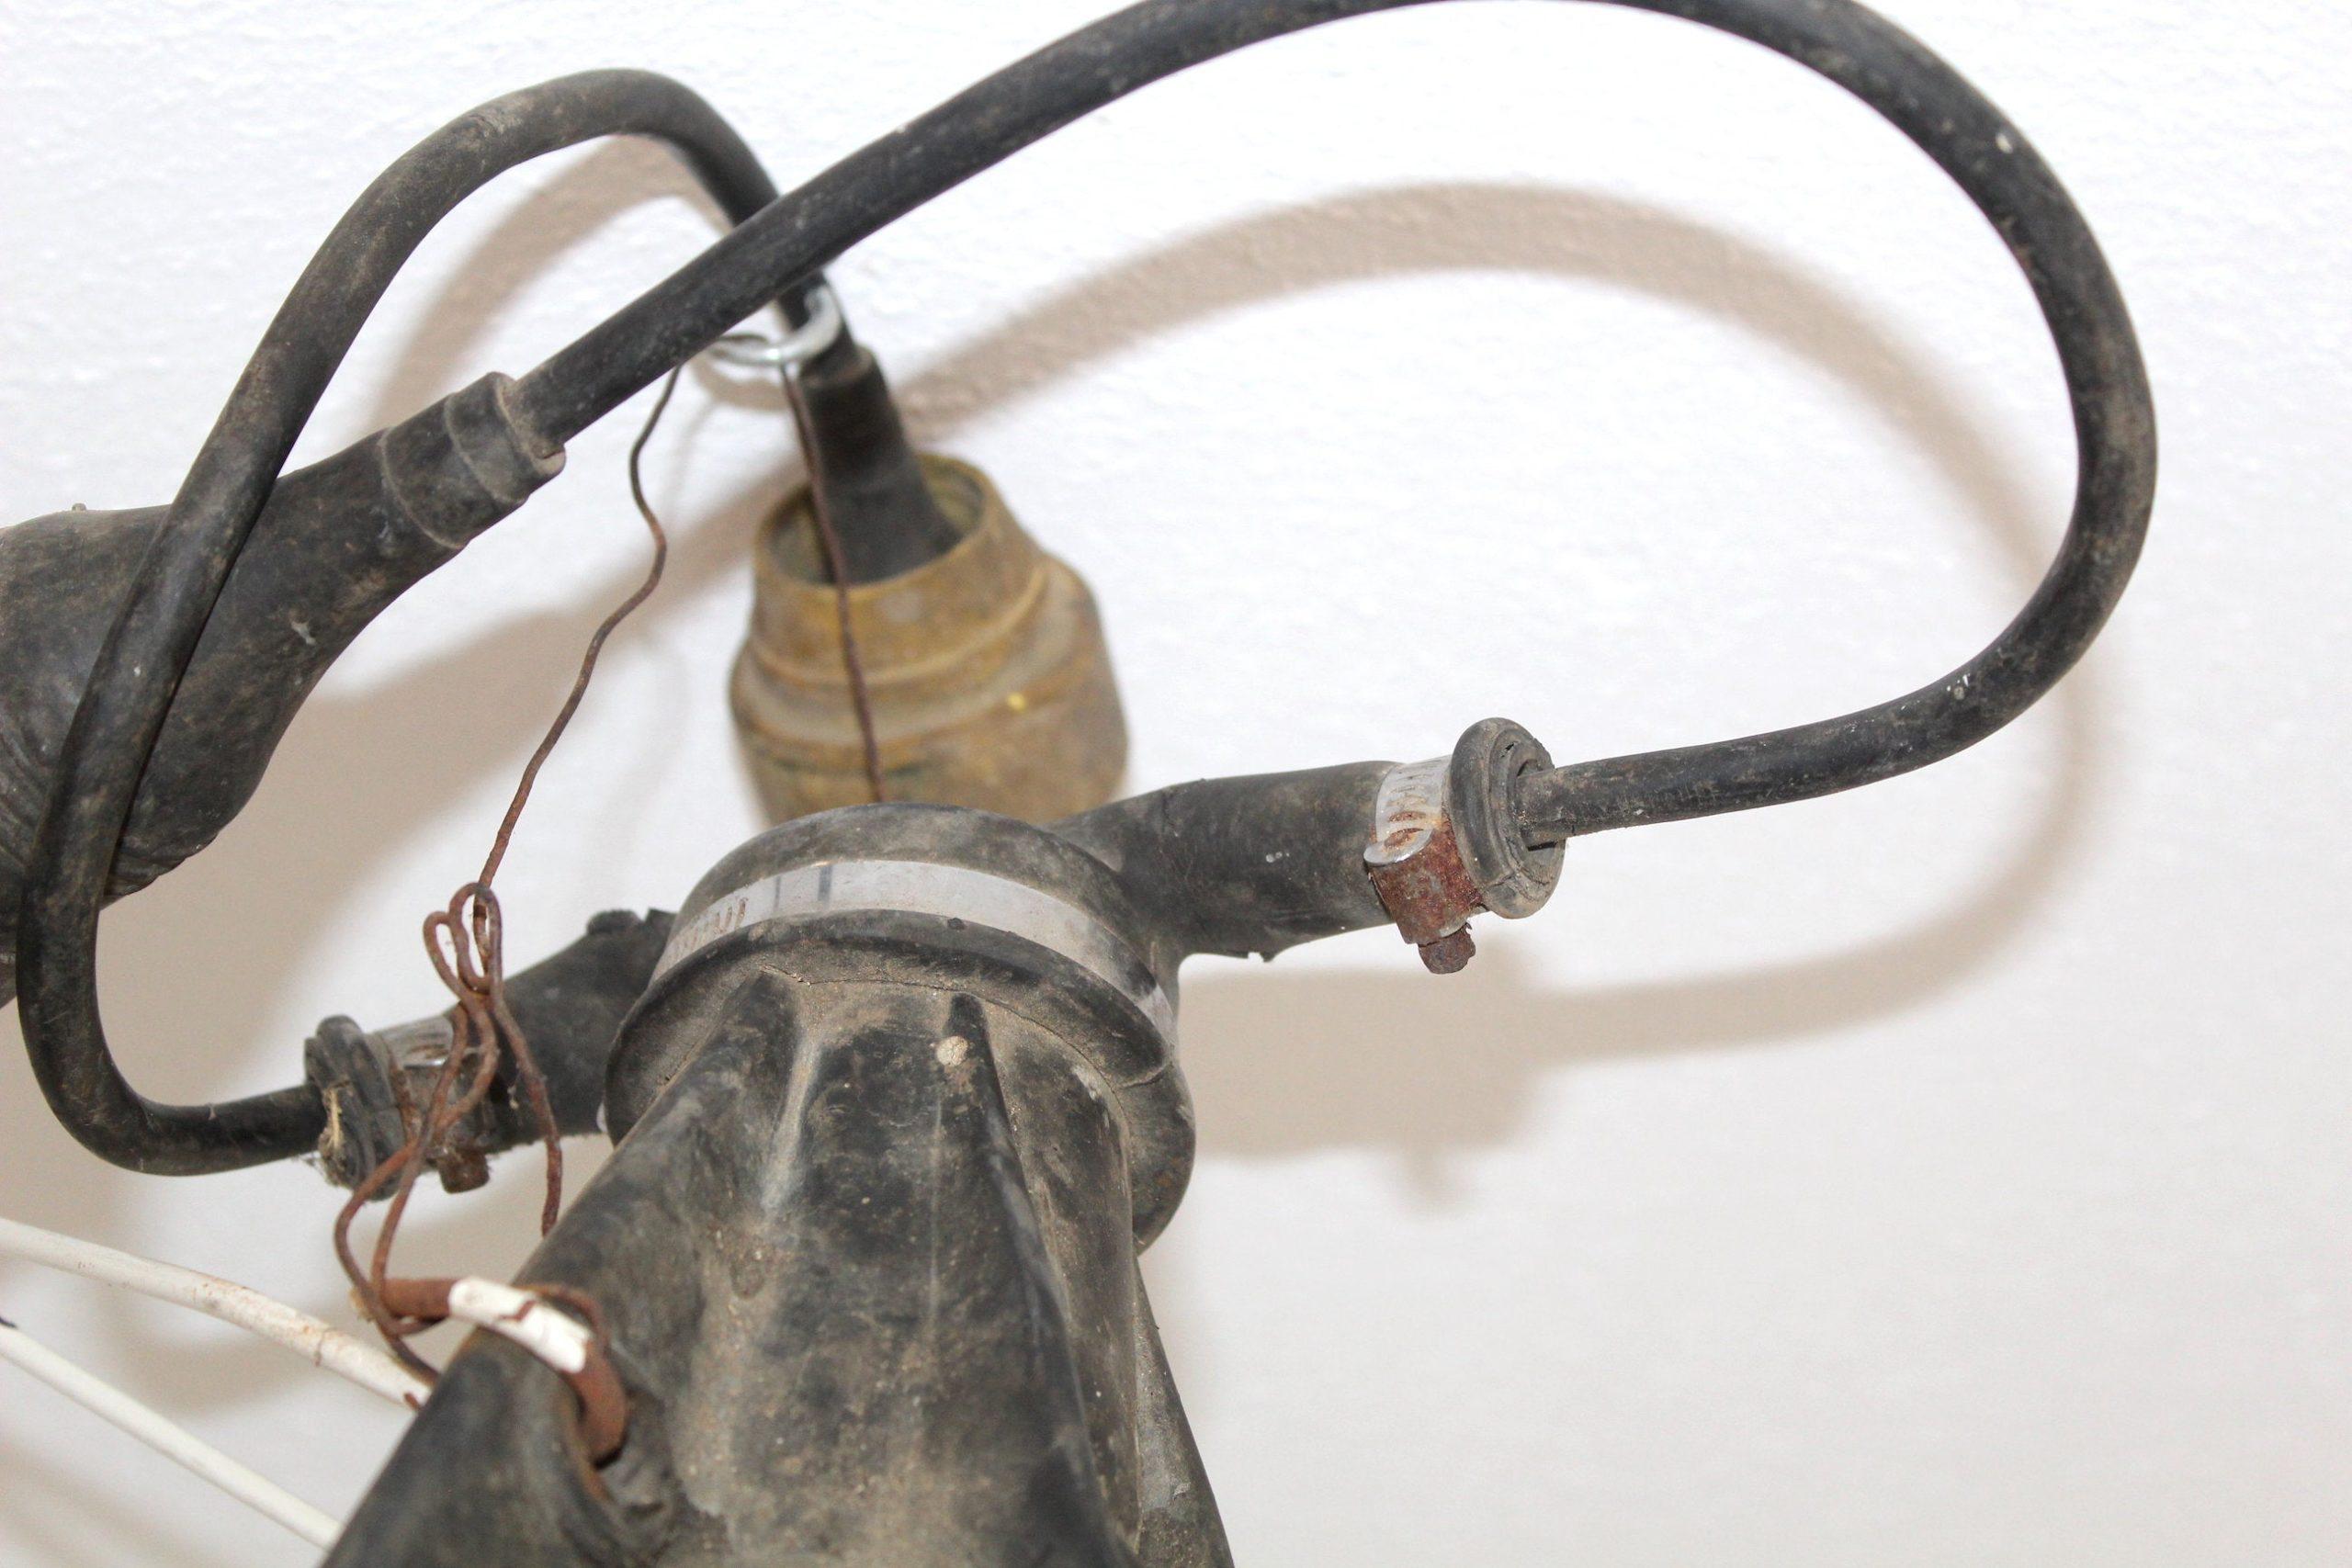 Full Size of Deckenlampe In Lu500 Industrial Loft Mon Amie Wohnzimmer Esstisch Bad Deckenlampen Für Küche Modern Schlafzimmer Wohnzimmer Deckenlampe Industrial